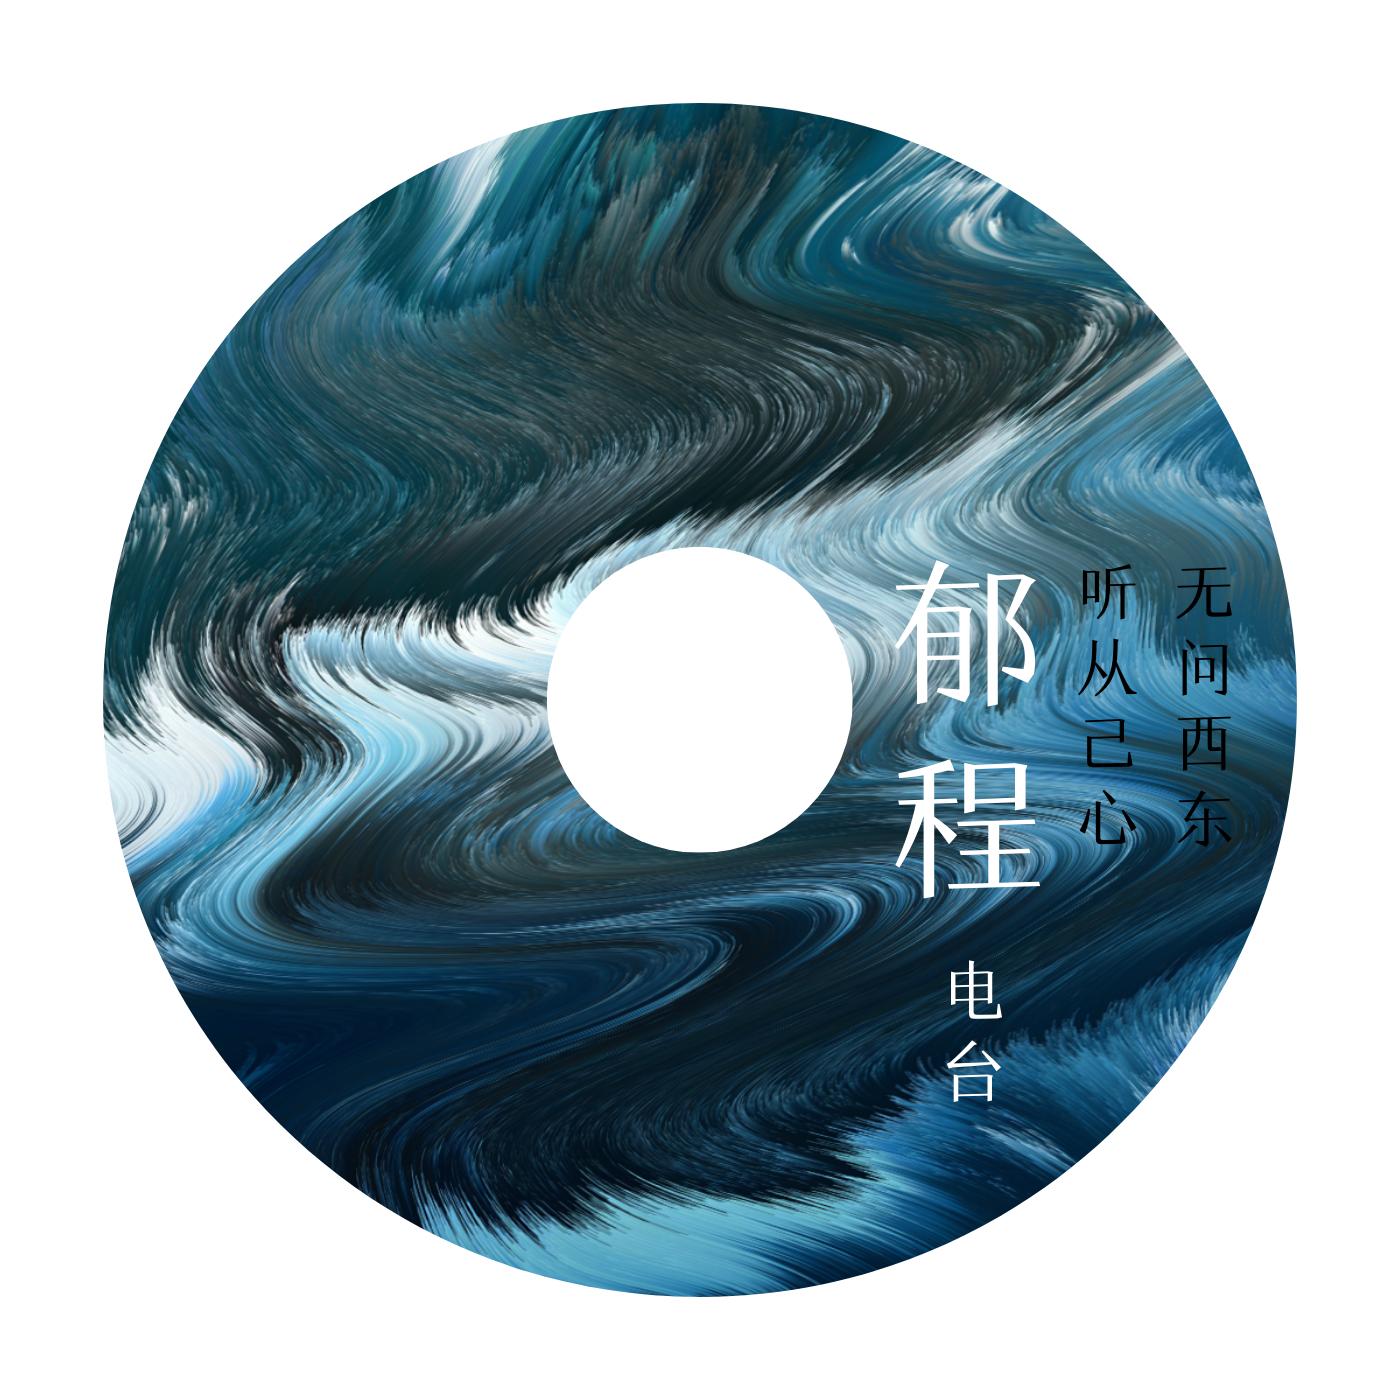 郁程电台丨听从己心 无问西东